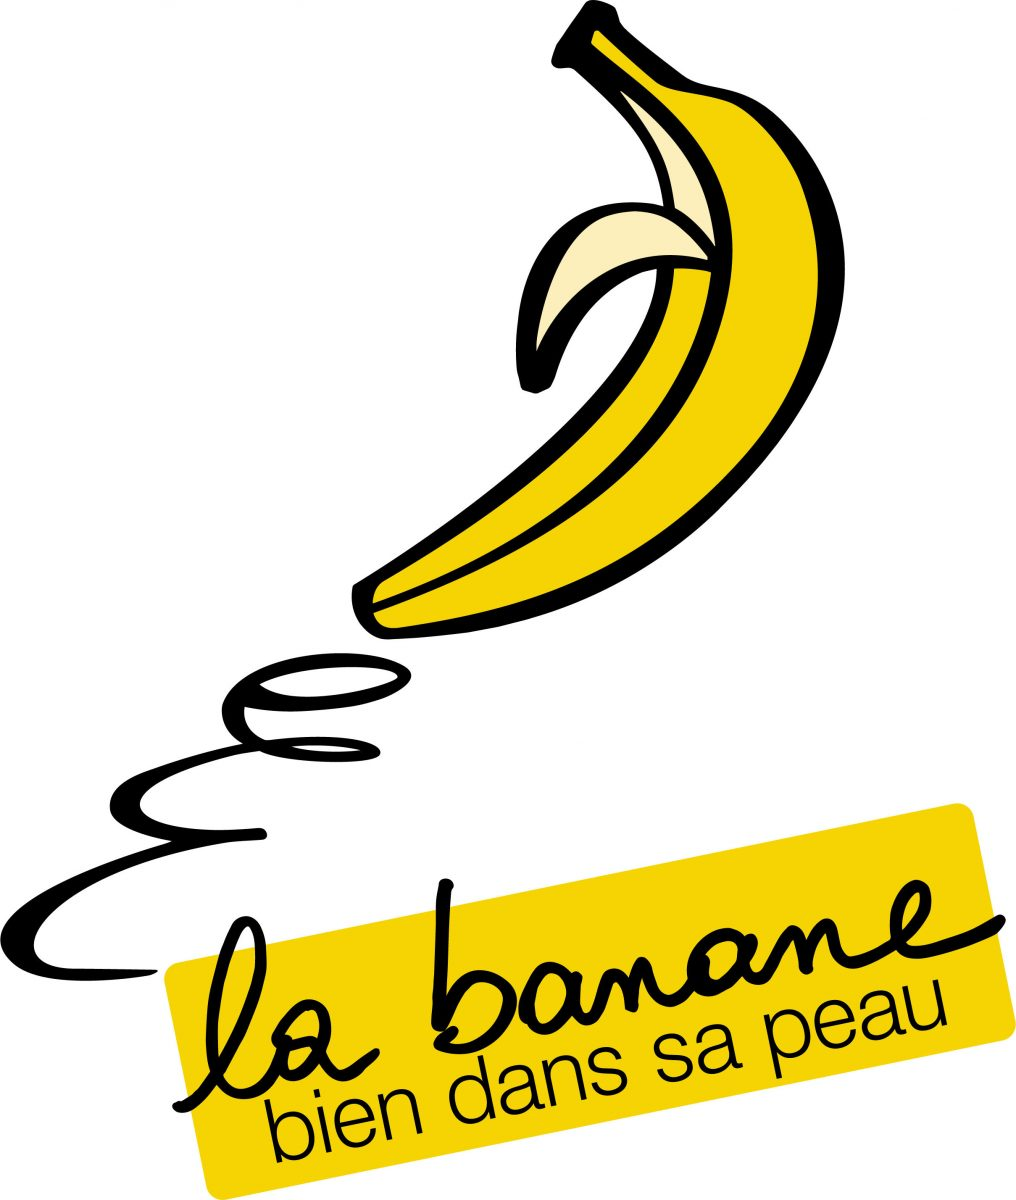 AIB -La banane bien dans sa peau